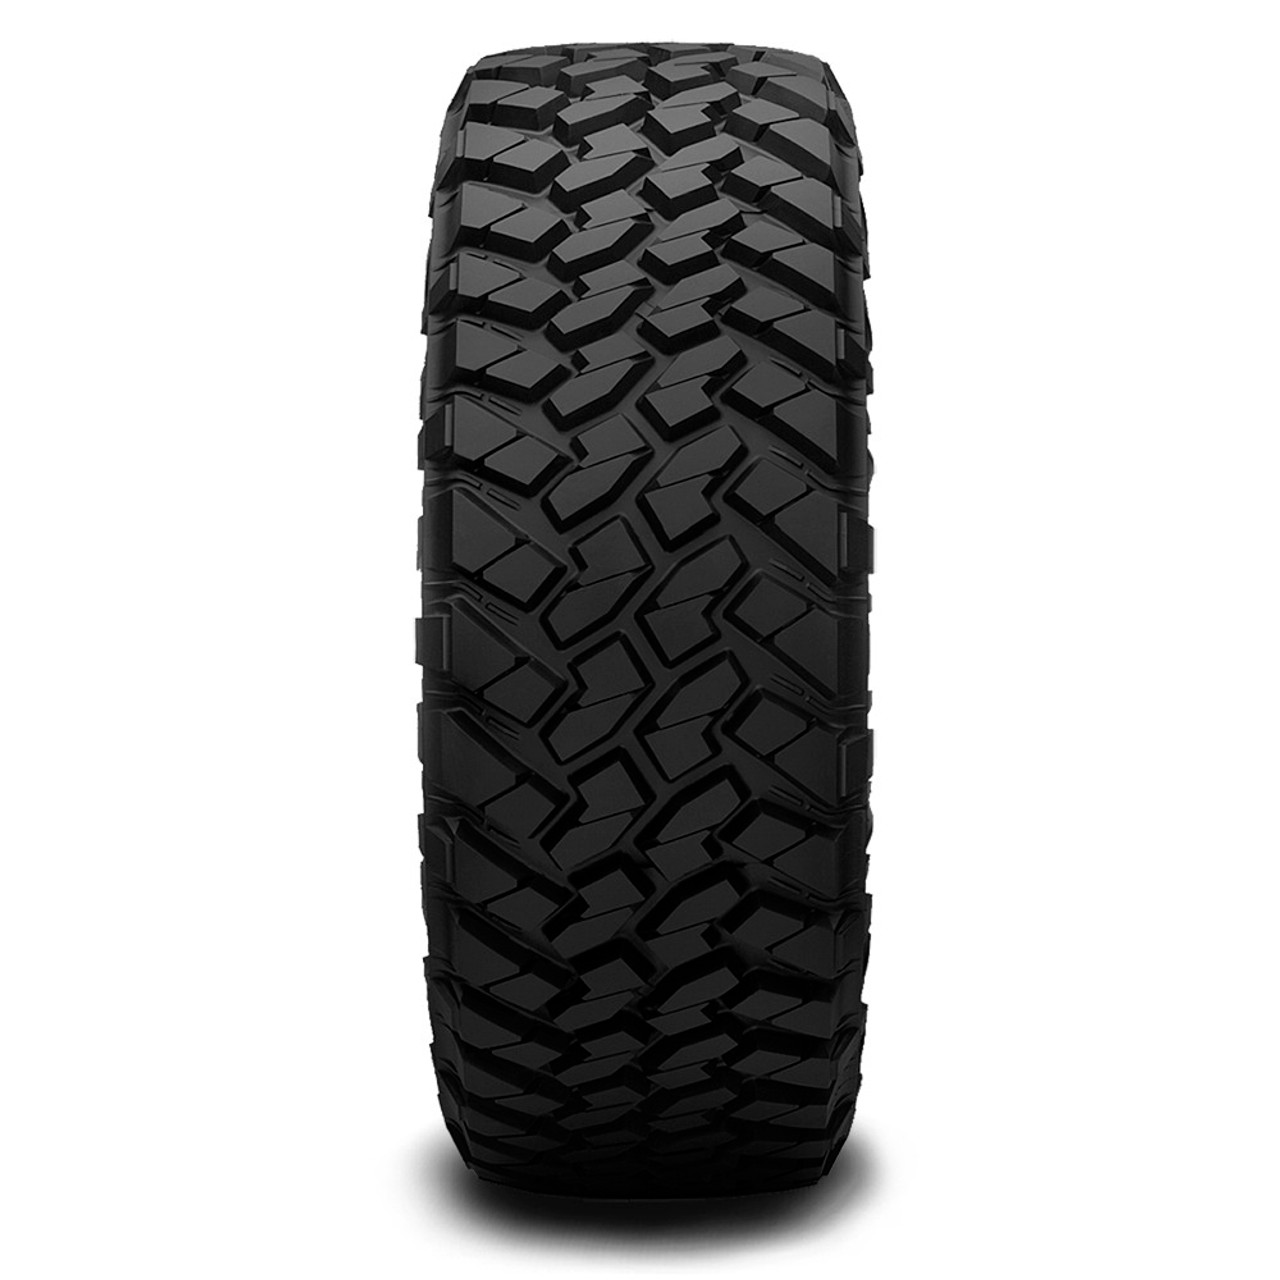 """Nitto Tire 205890 Trail Grappler Tire for 17"""" Rim"""